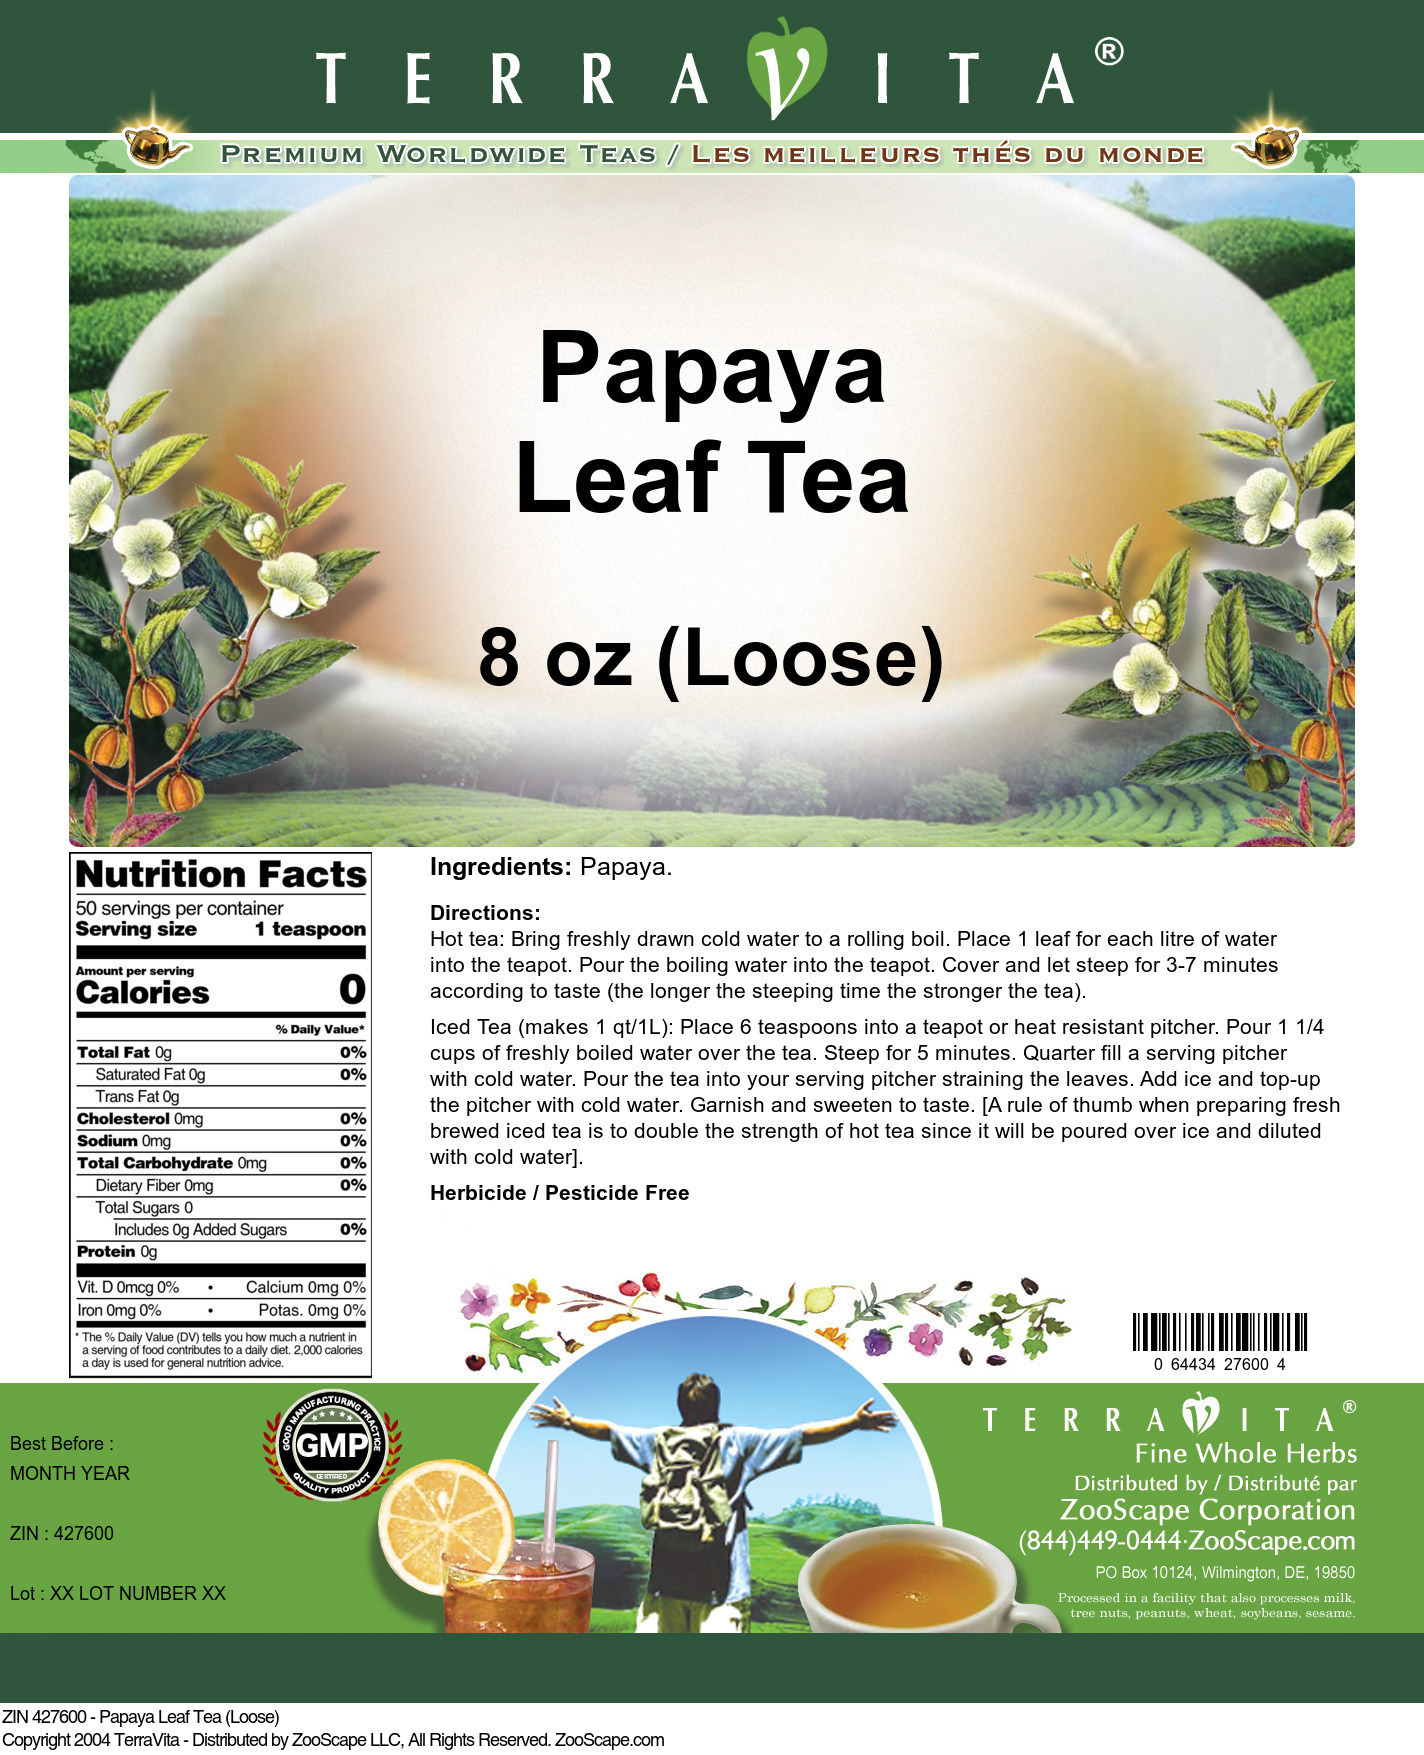 Papaya Leaf Tea (Loose)